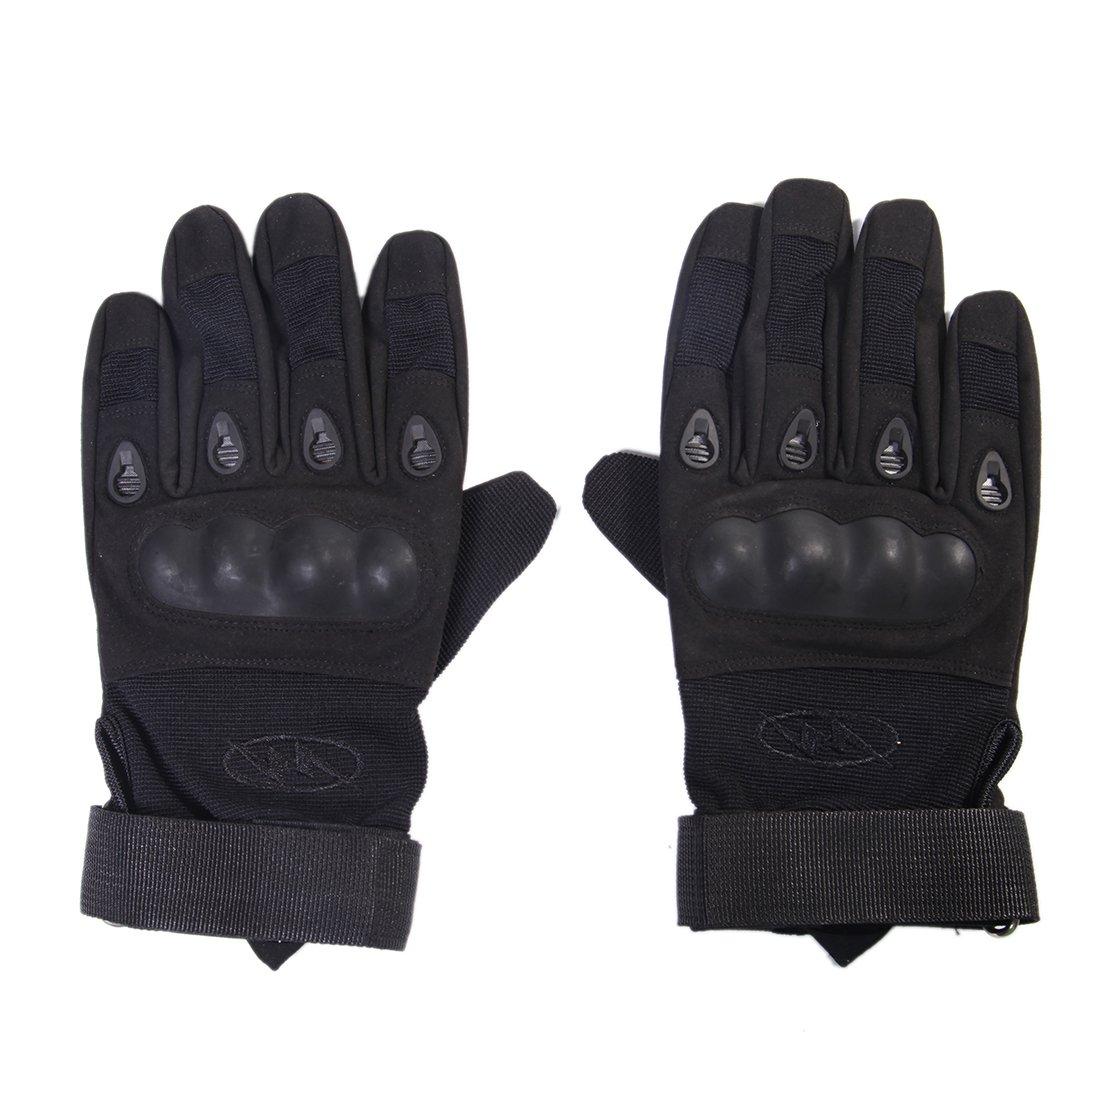 wildauto Motorcycle Riding GlovesミリタリータクティカルグローブATV Riding手袋フル指手袋 X-Large ブラック WA-1003 B07545RJJR X-Large|ブラック ブラック X-Large